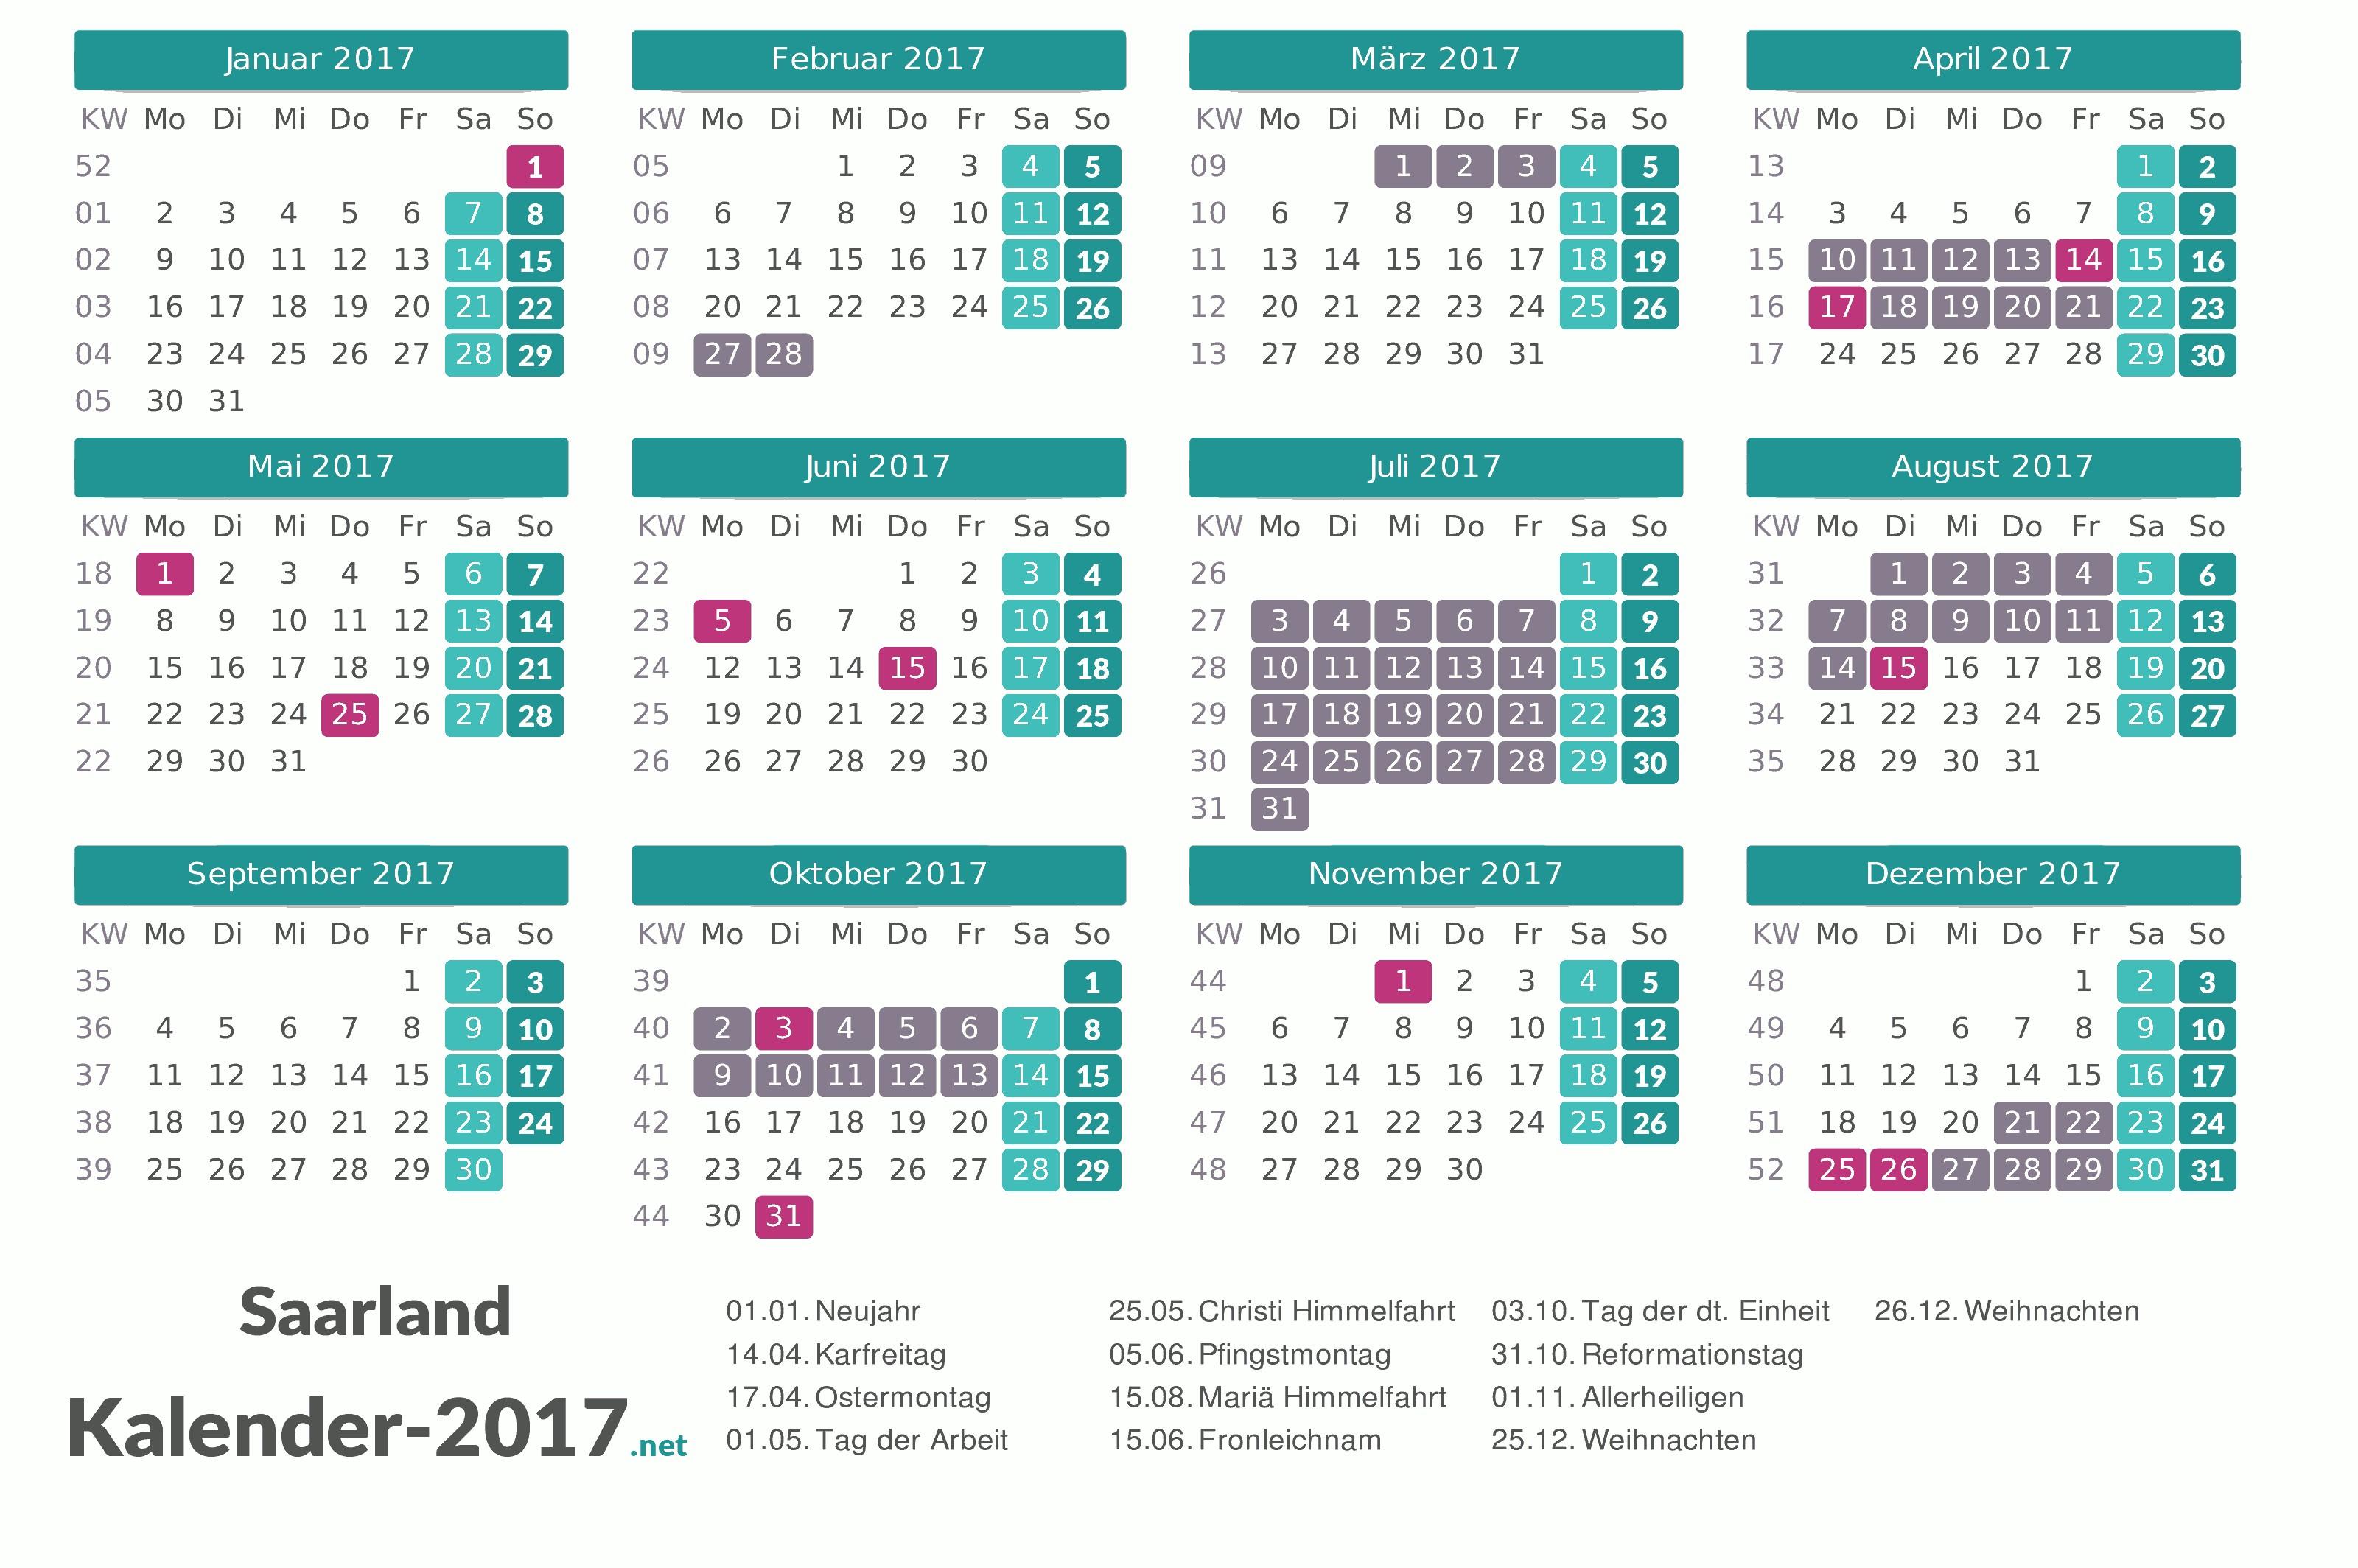 Kalender 2019 Pdf Ferien Nrw Más Populares Ferien Saarland 2017 Ferienkalender & übersicht